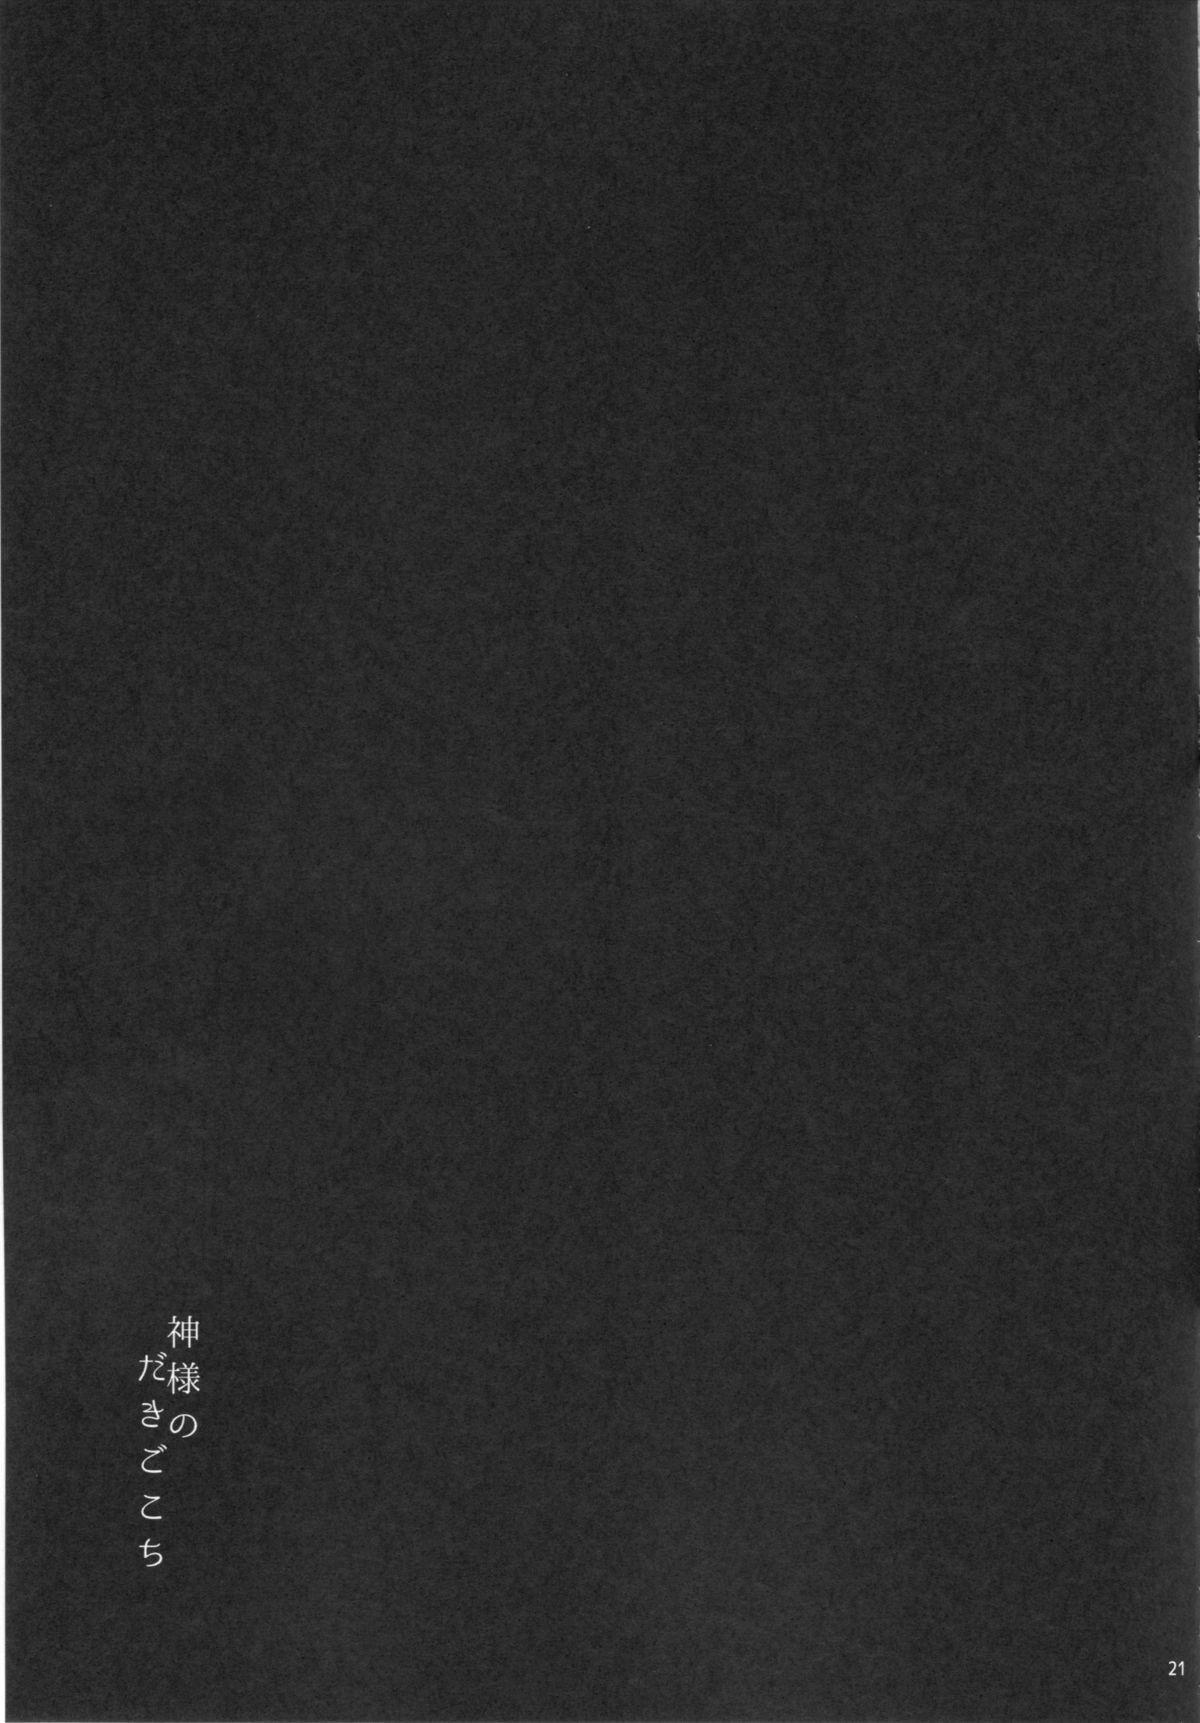 (COMIC1☆9) [Kuronisiki (Takaharu)] Kami-sama no daki-gokochi (Dungeon ni Deai o Motomeru no wa Machigatteiru Darou ka) 19